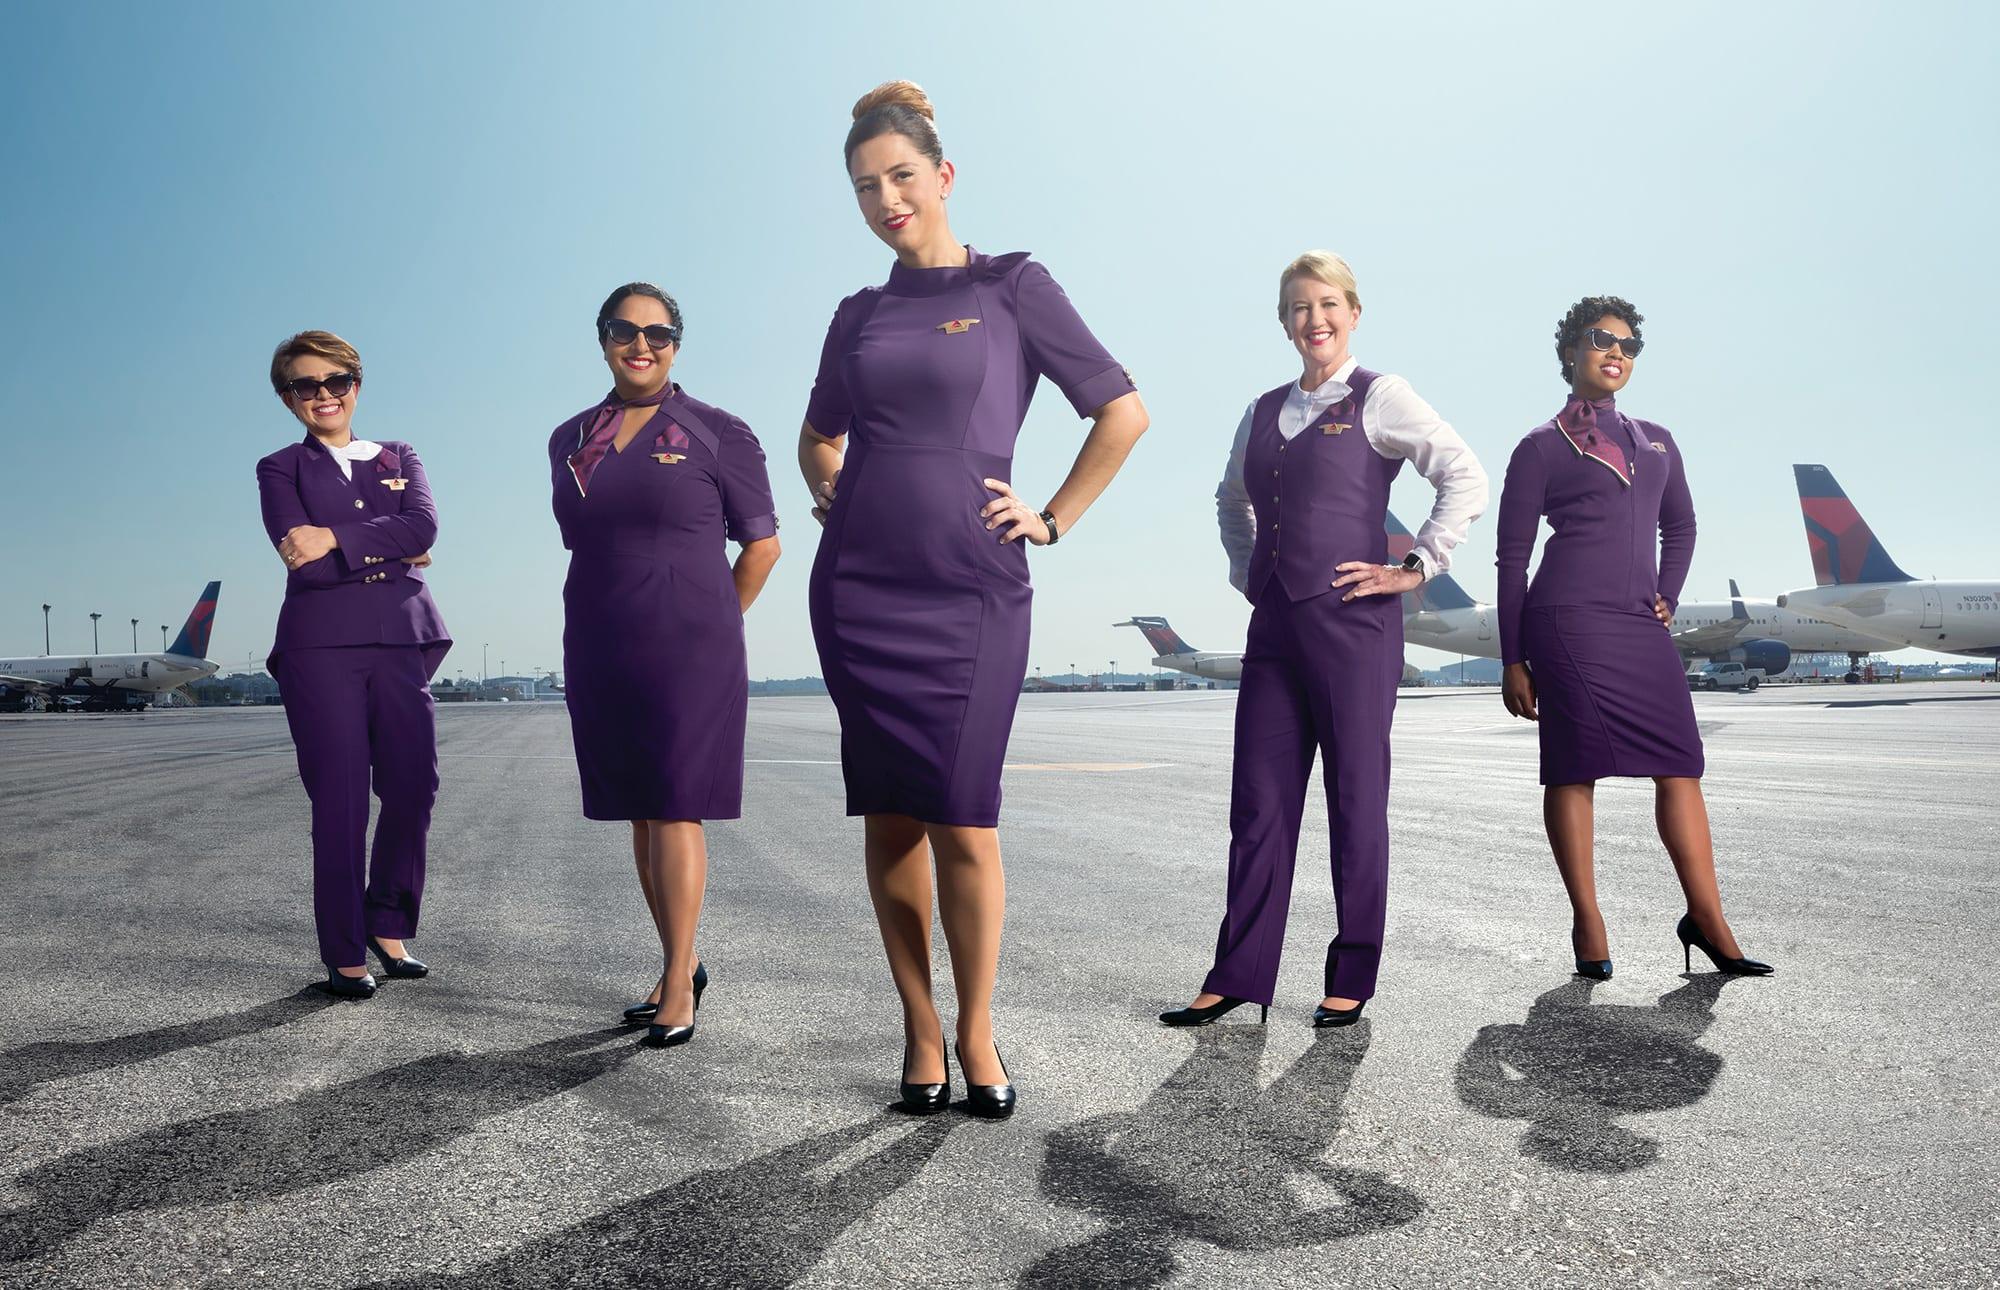 Delta Air Lines introducerede i 2018 nye uniformer til blandt andet selskabets 25.000 kabineansatte. Men der er problemer med dem, angiveligt på grund af at de indeholder kemikalier og tungmetaller langt over den tilladte grænse for beklædningsgenstande. Derfor bliver de nu erstattet. PR-foto fra Delta Air Lines.